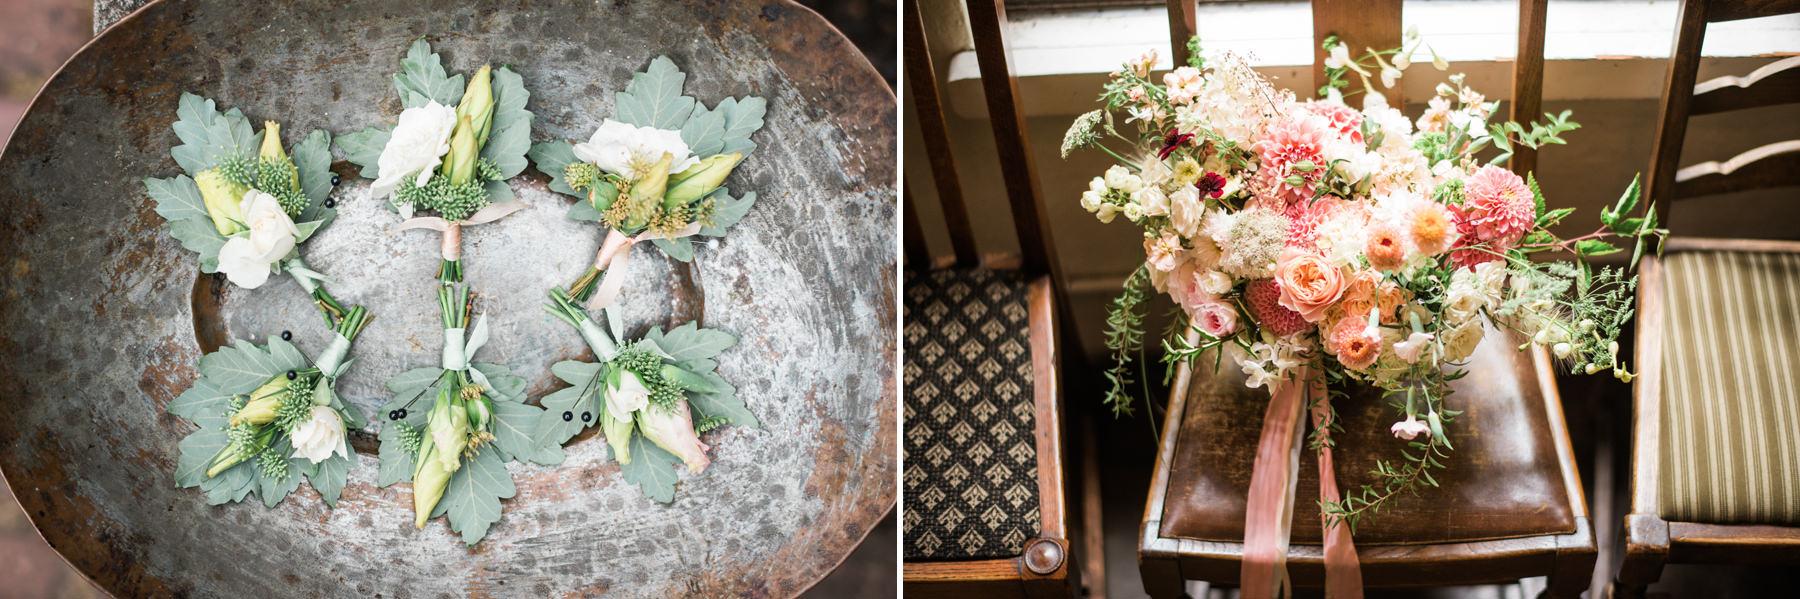 189-fine-art-film-details-of-floret-florals-at-the-corson-building.jpg